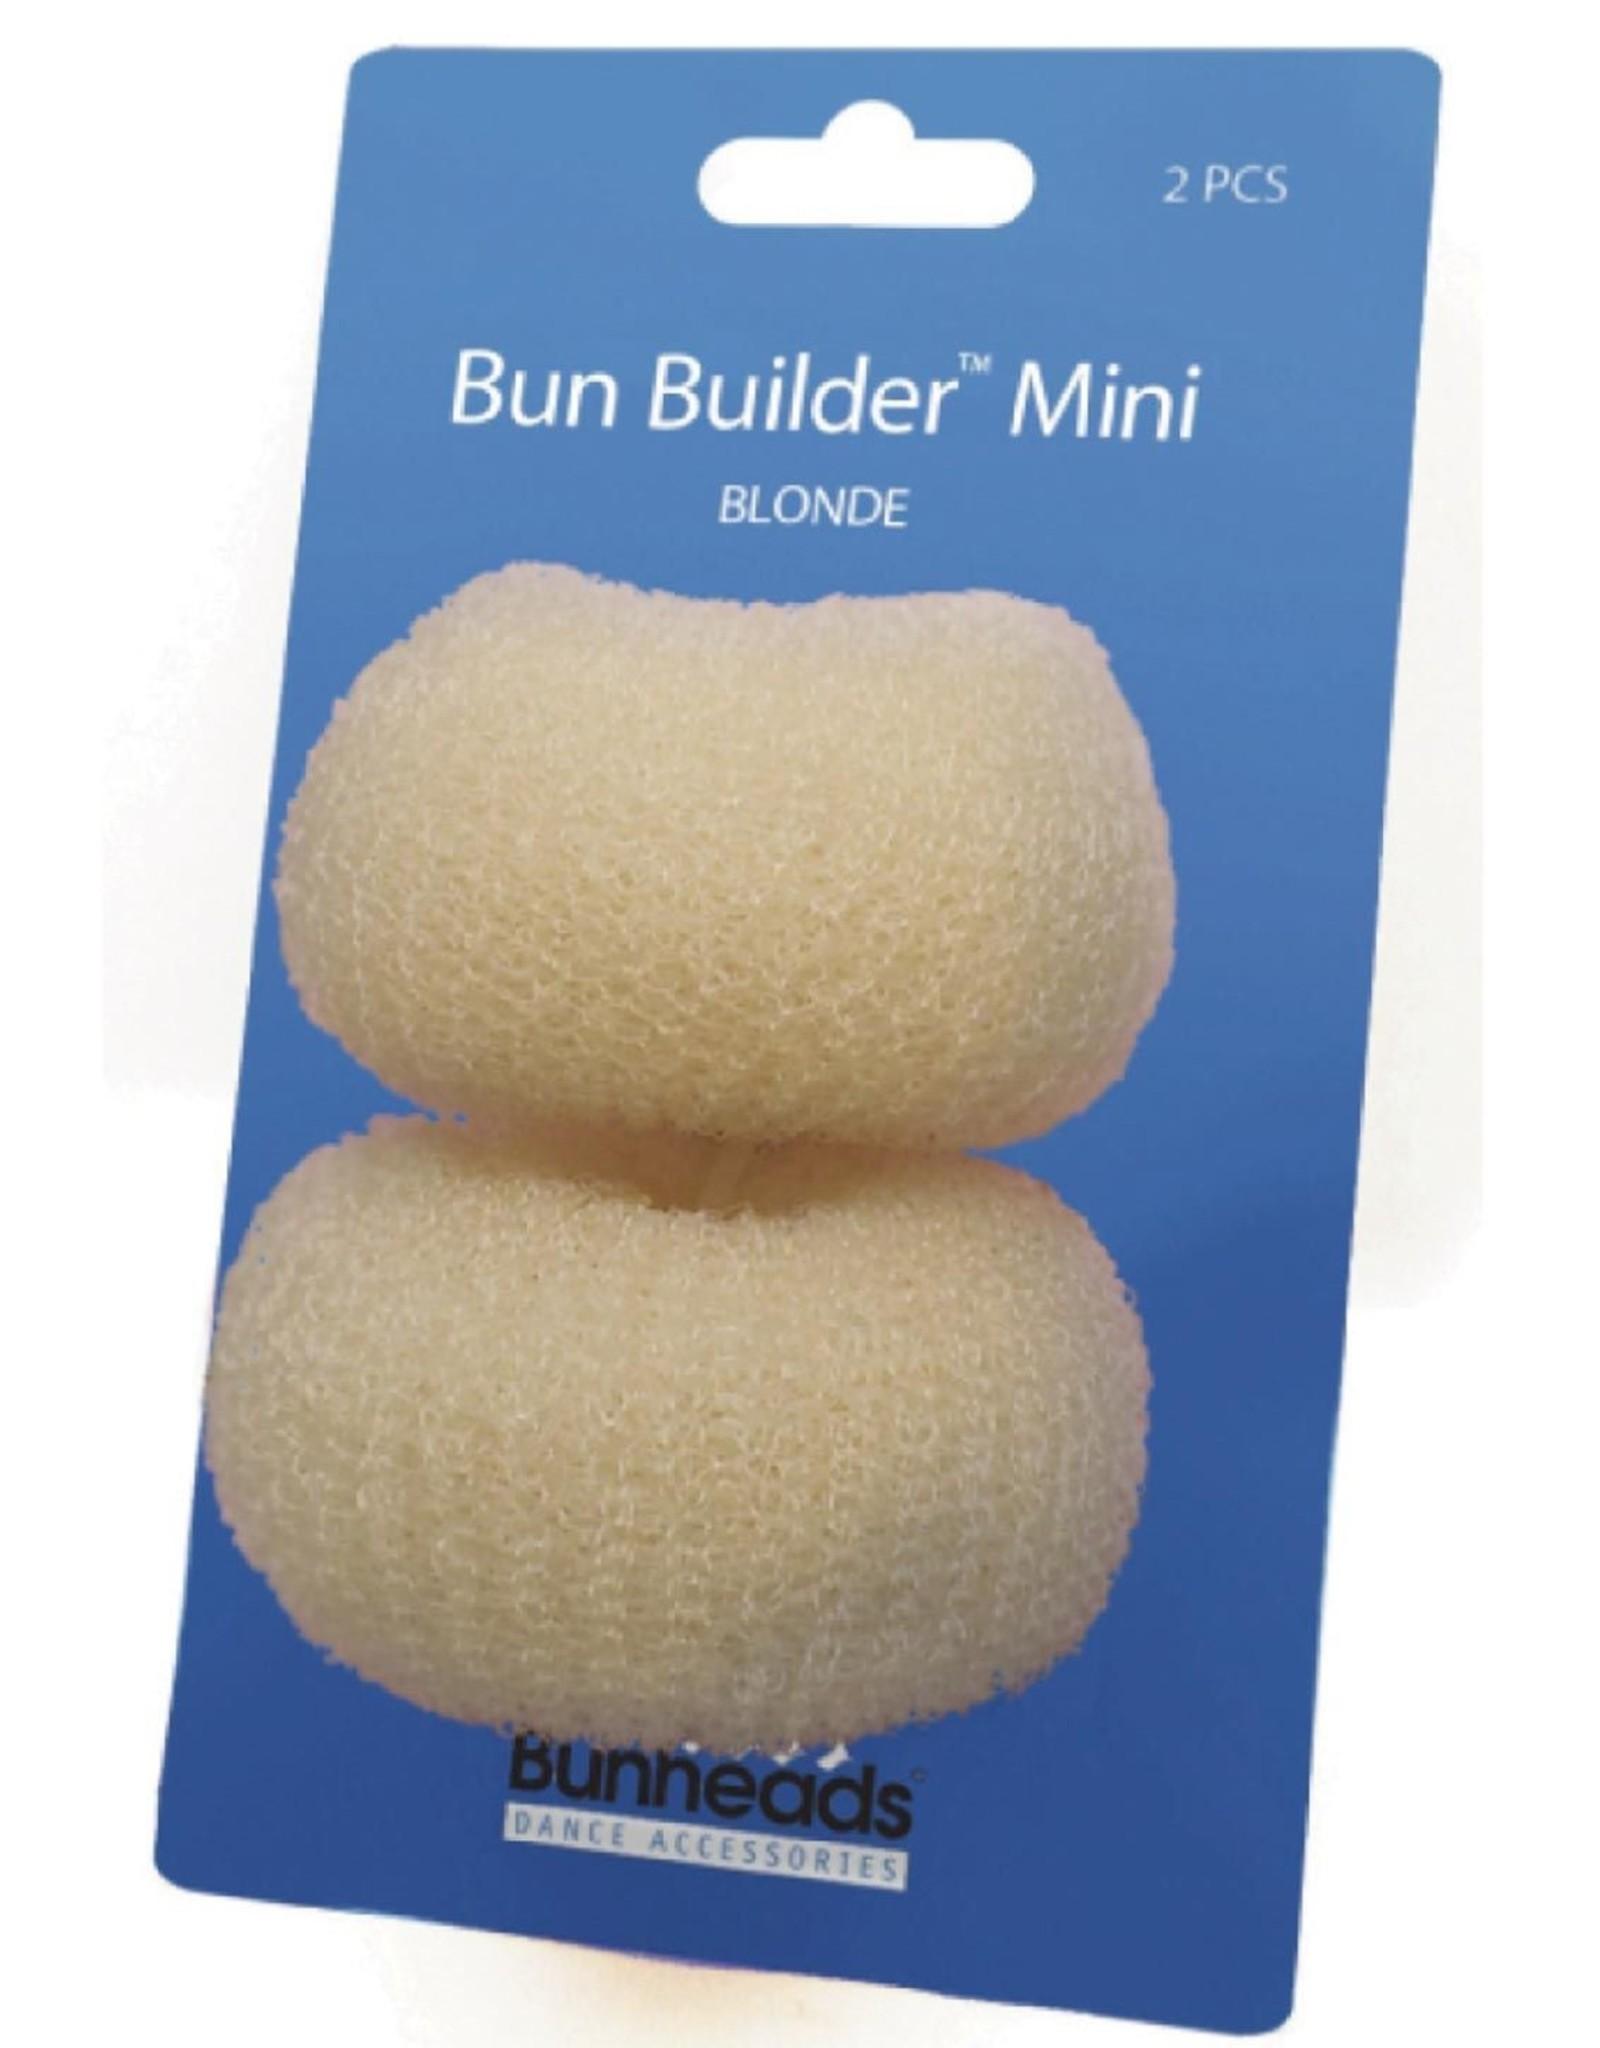 BUNHEADS BUNHEADS BUN BUILDER MINI